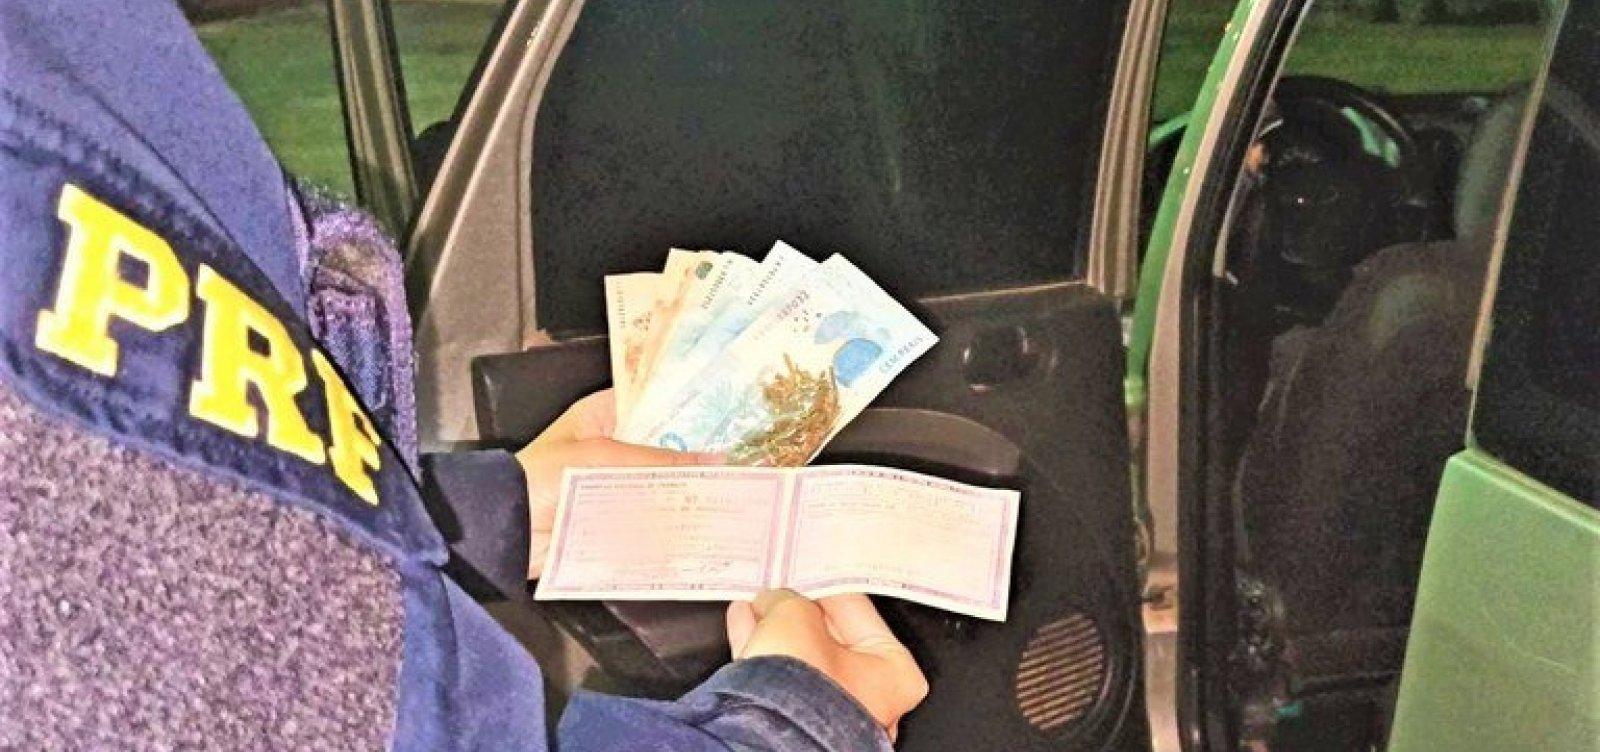 Motorista sem CNH tenta subornar policiais com R$ 200 e acaba preso